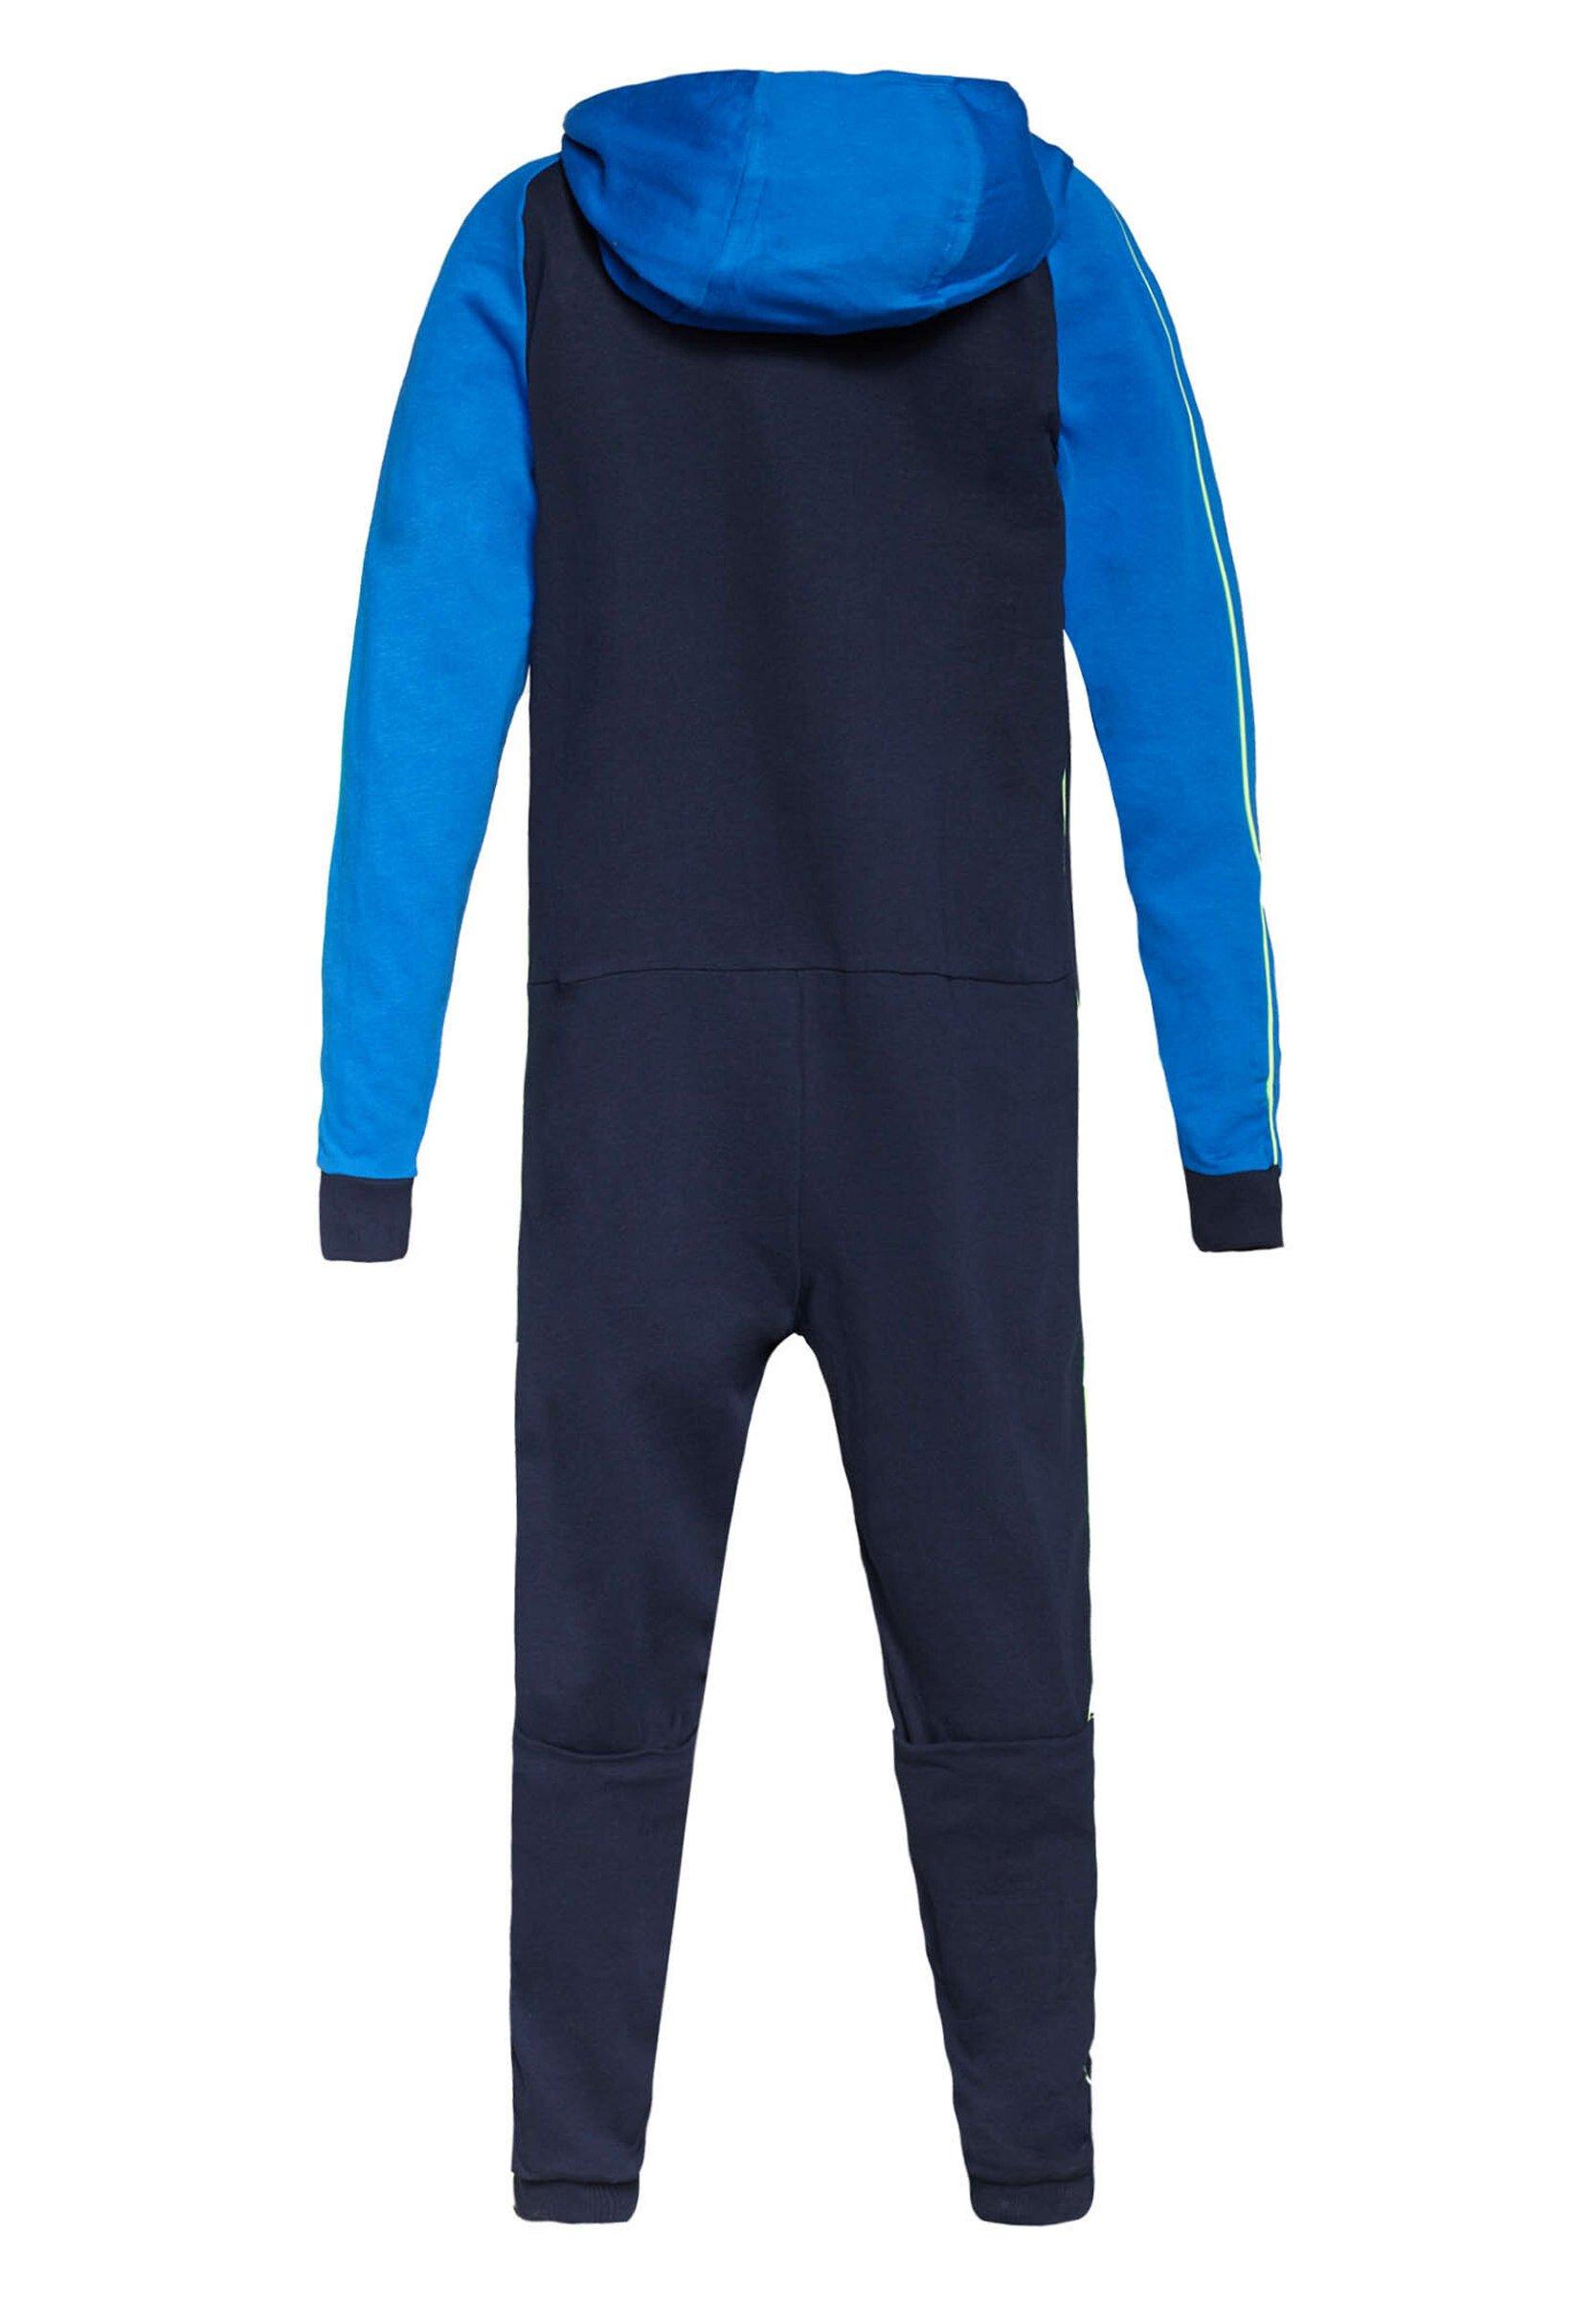 Ogromny zakres Zakupy WE Fashion WE FASHION JONGENS FLEECE ONESIE - Piżama - blue | Dzieci Odzież 2020 Cow50